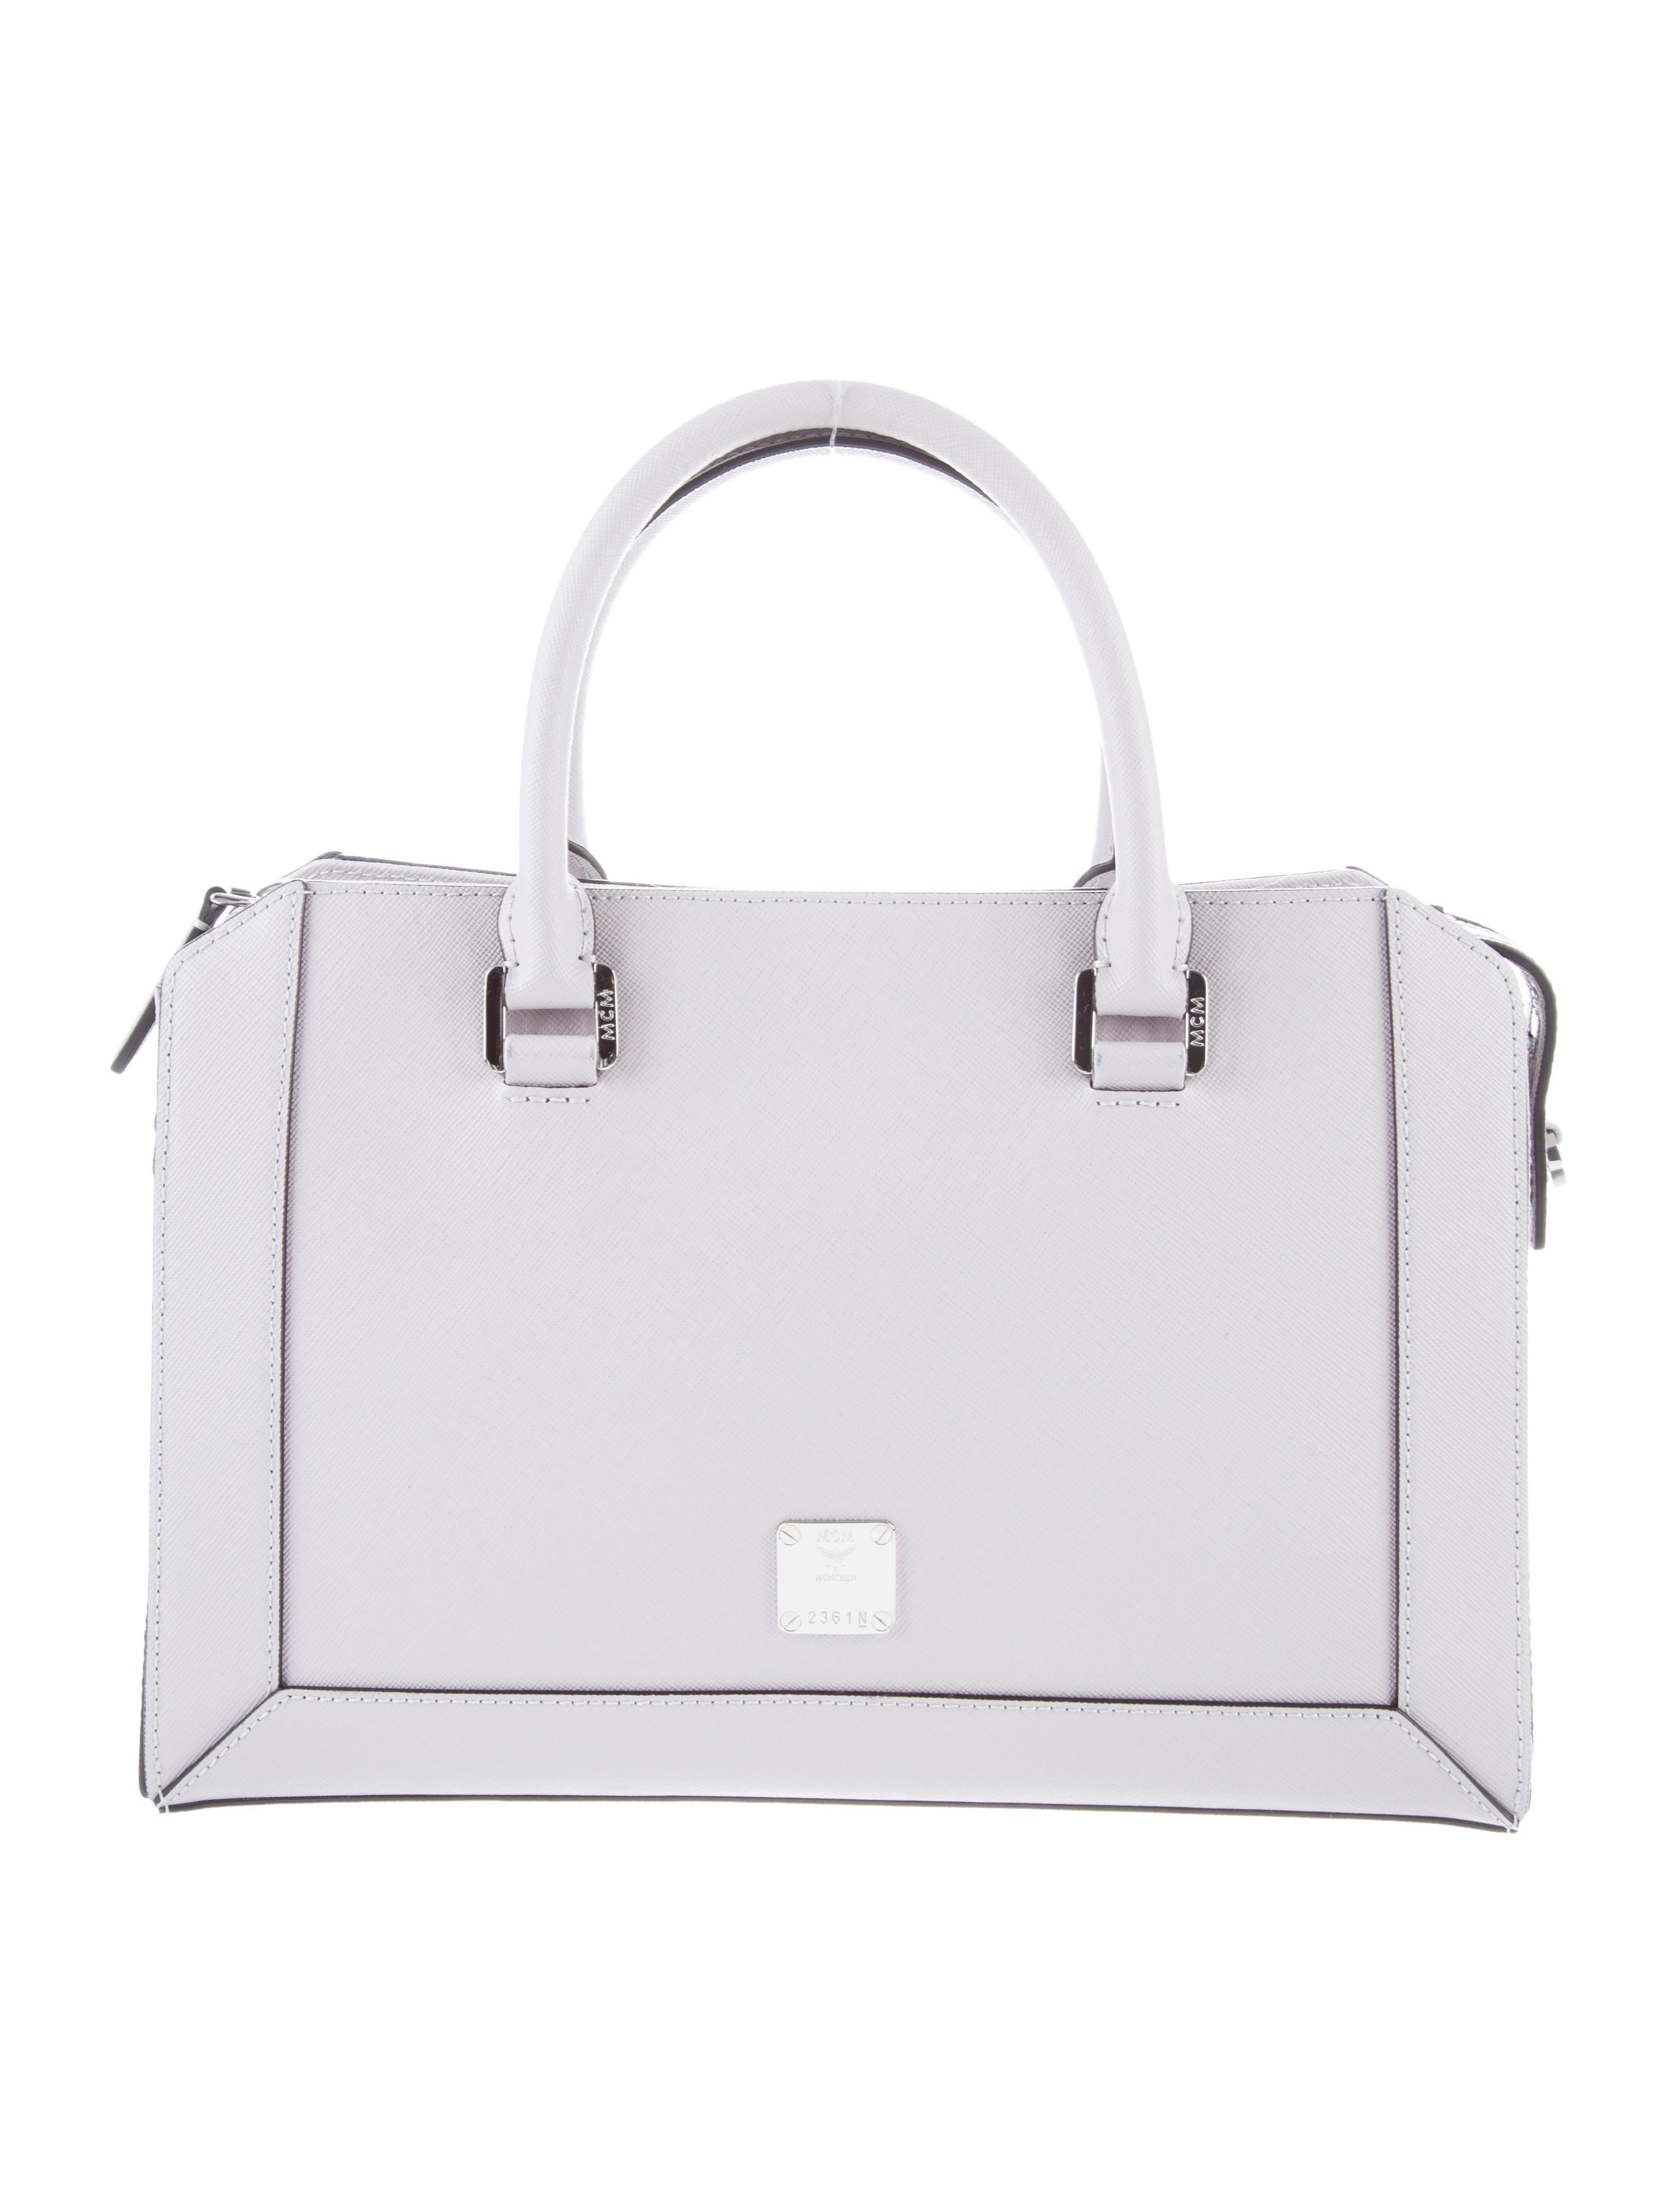 1b8bfec48e MCM Grain Leather Handbag w  Tags - Handbags - W3023587